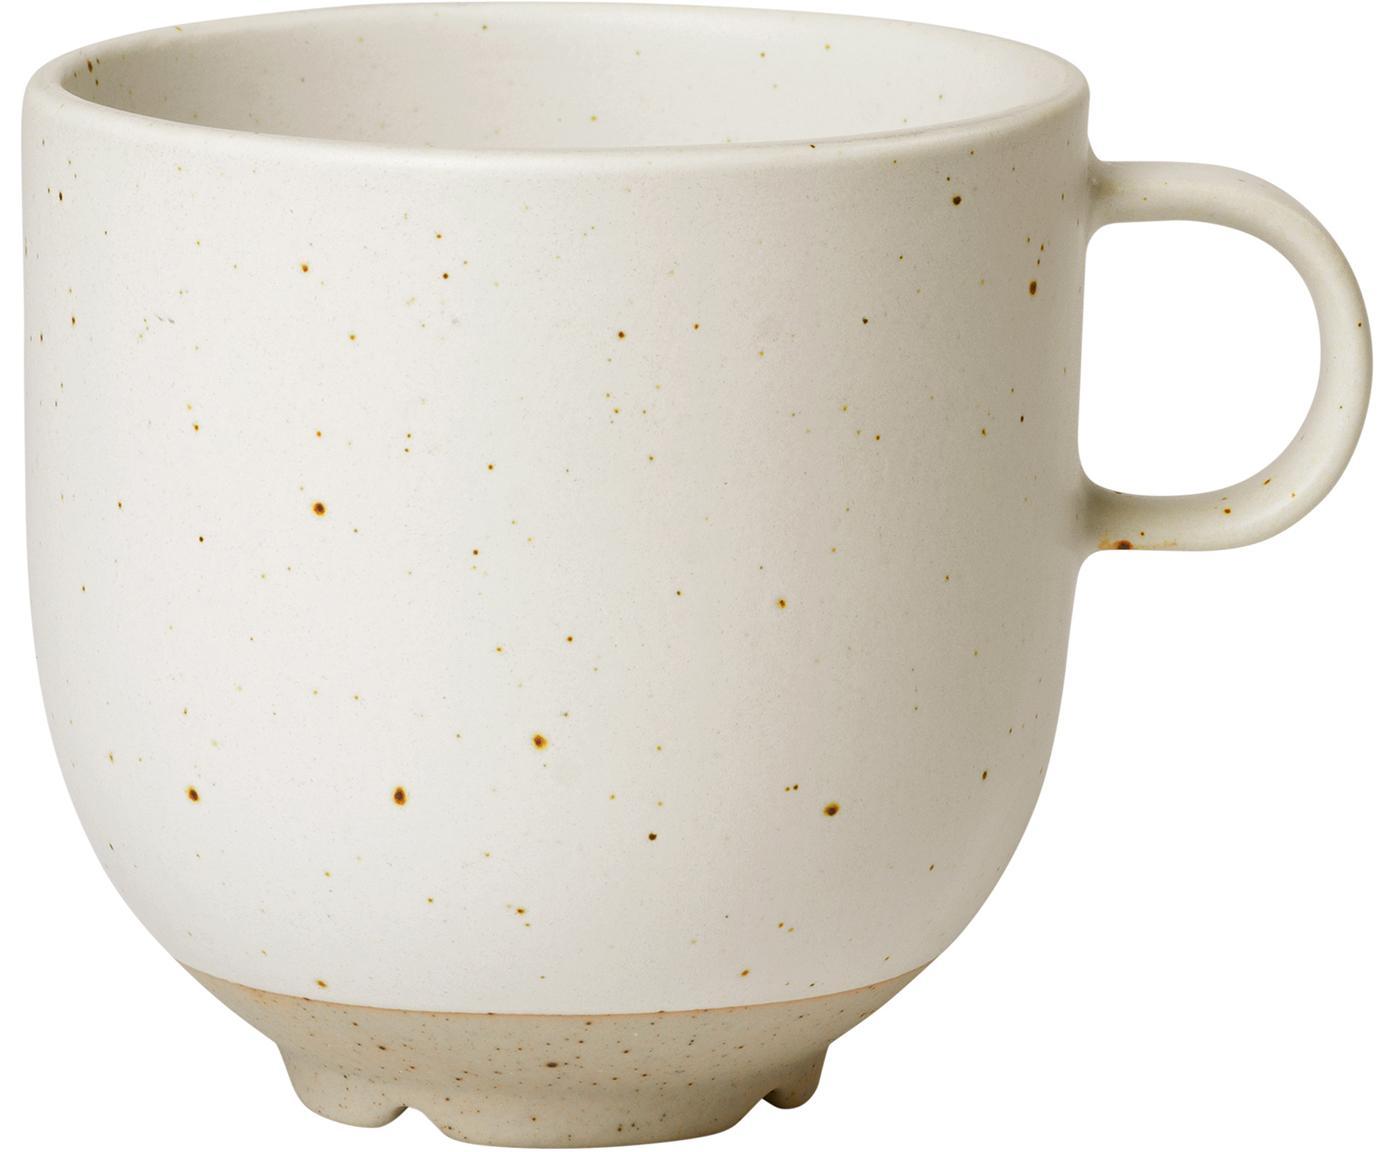 Steingut-Tassen Eli mit mattem Finish, 4 Stück, Steingut, Beige, Hellgrau, Ø 8 x H 8 cm